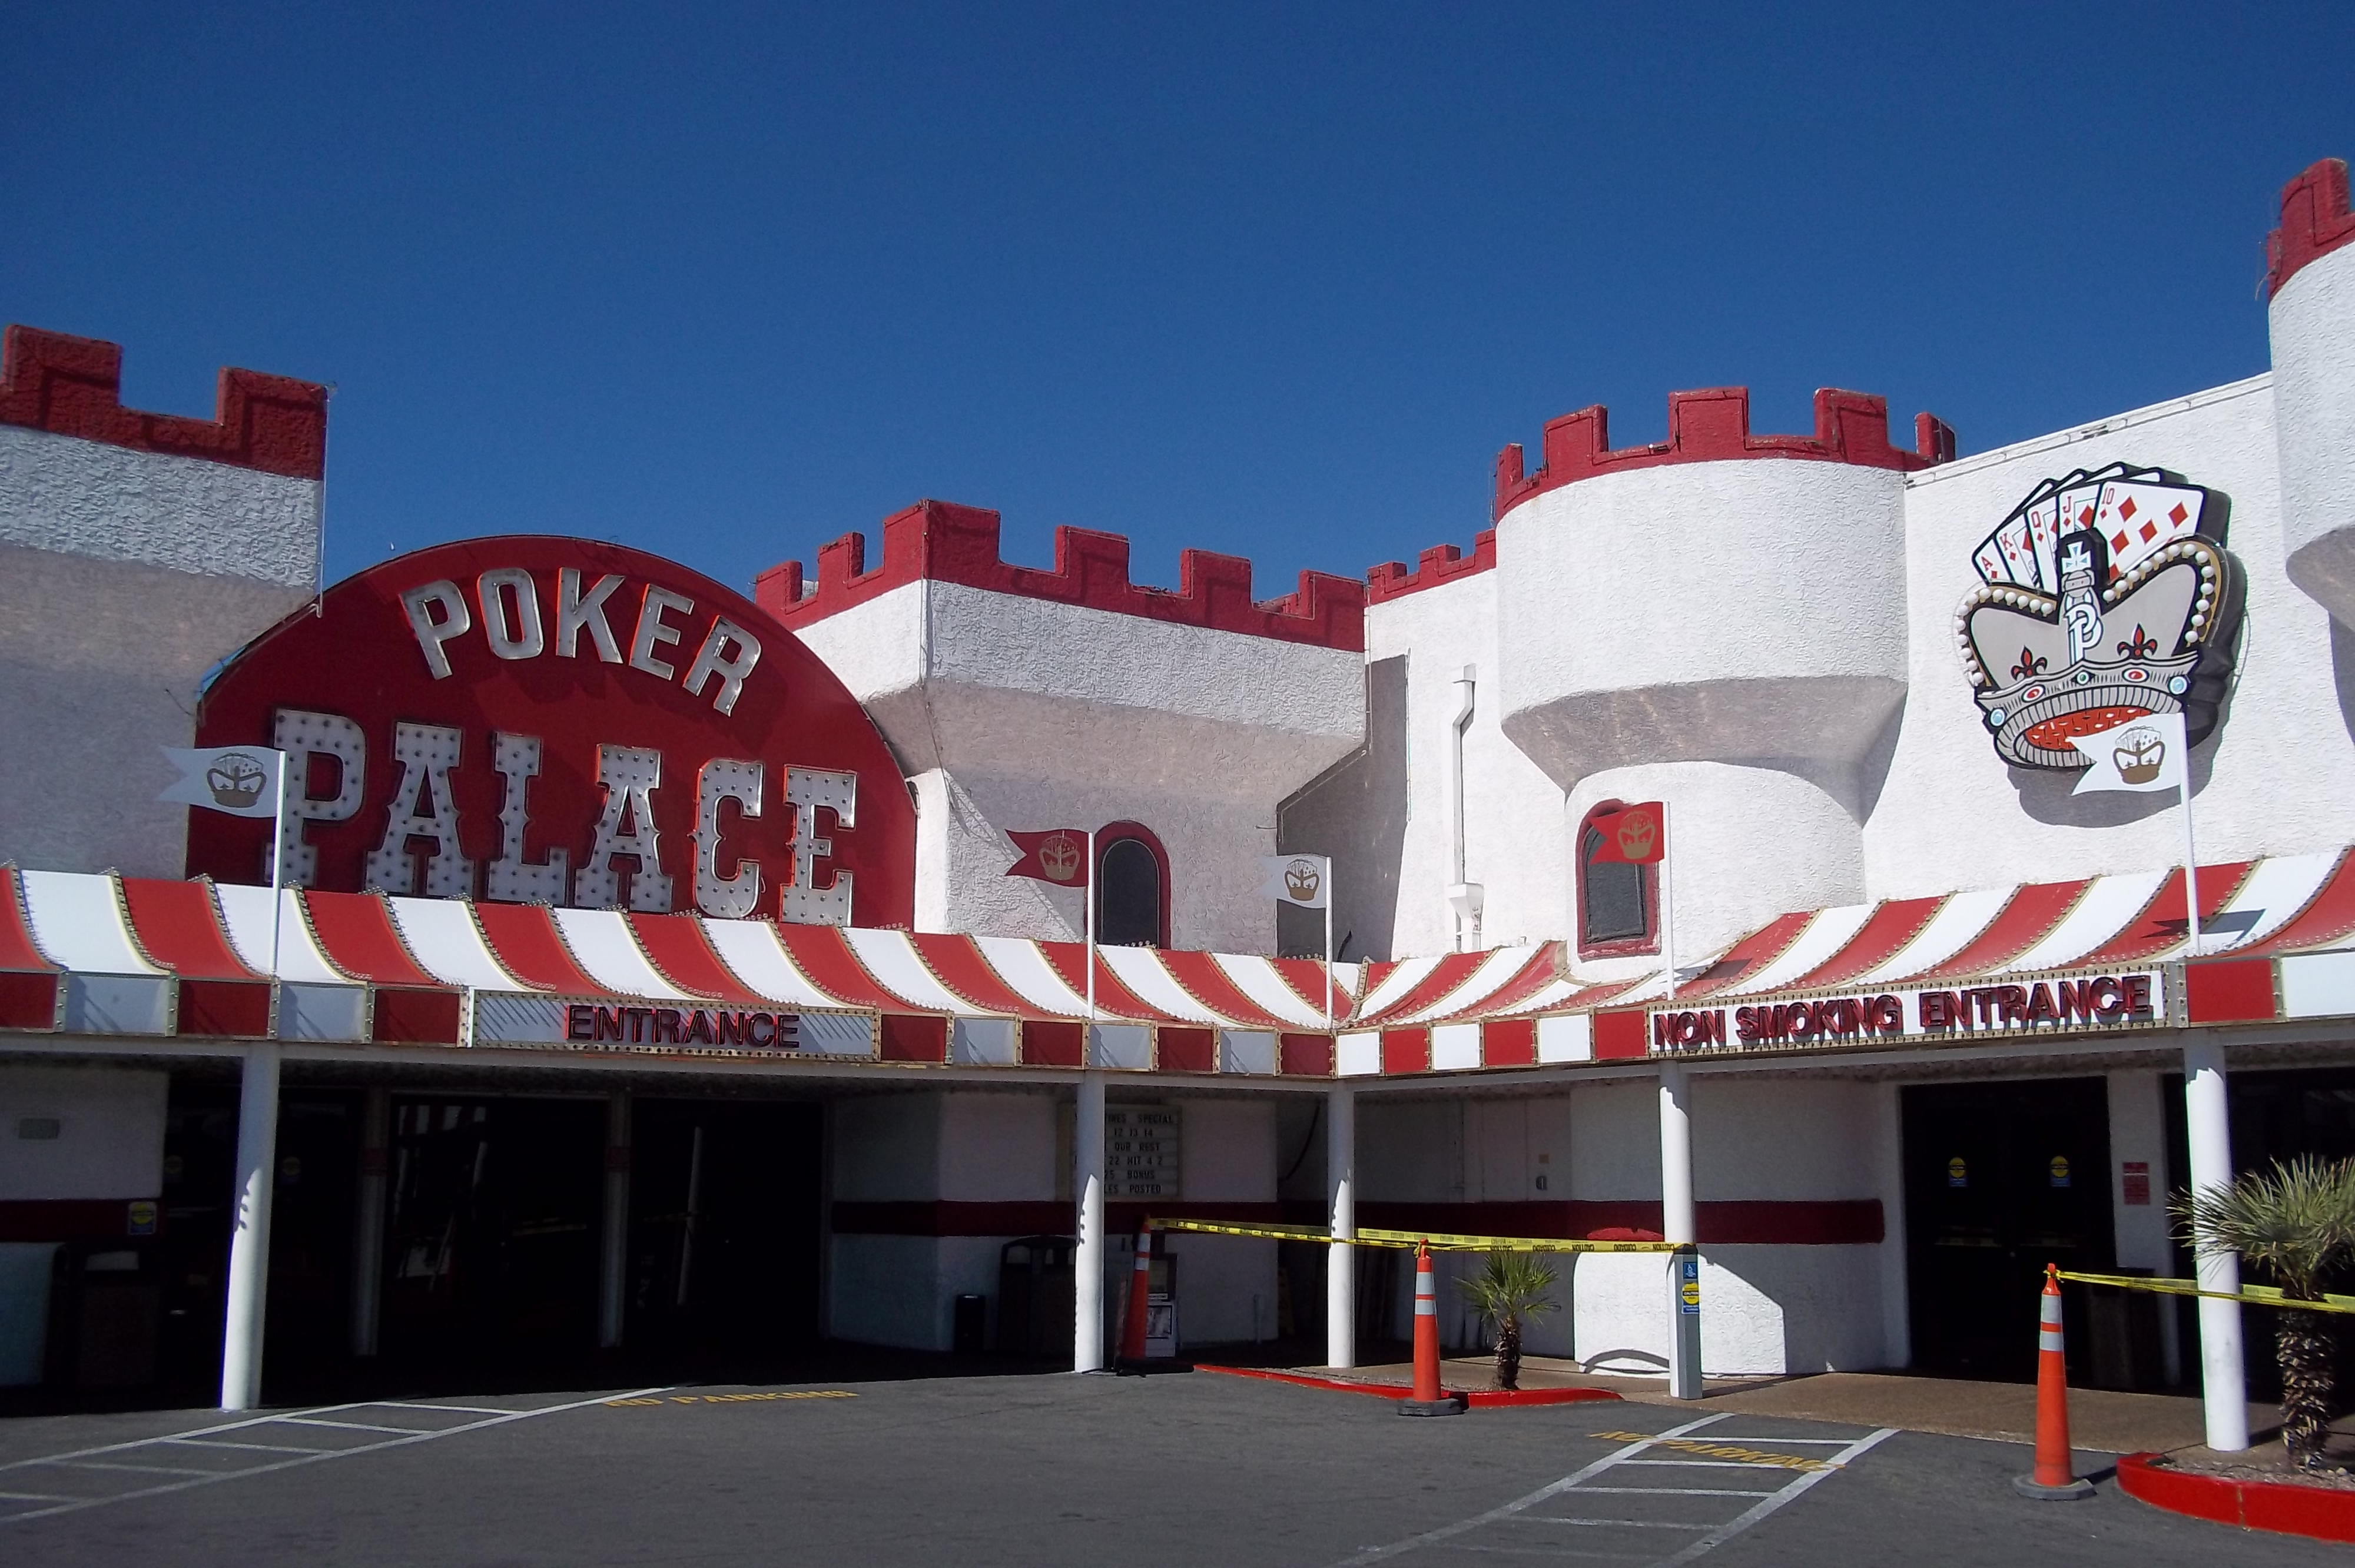 Poker Palace Casino logo